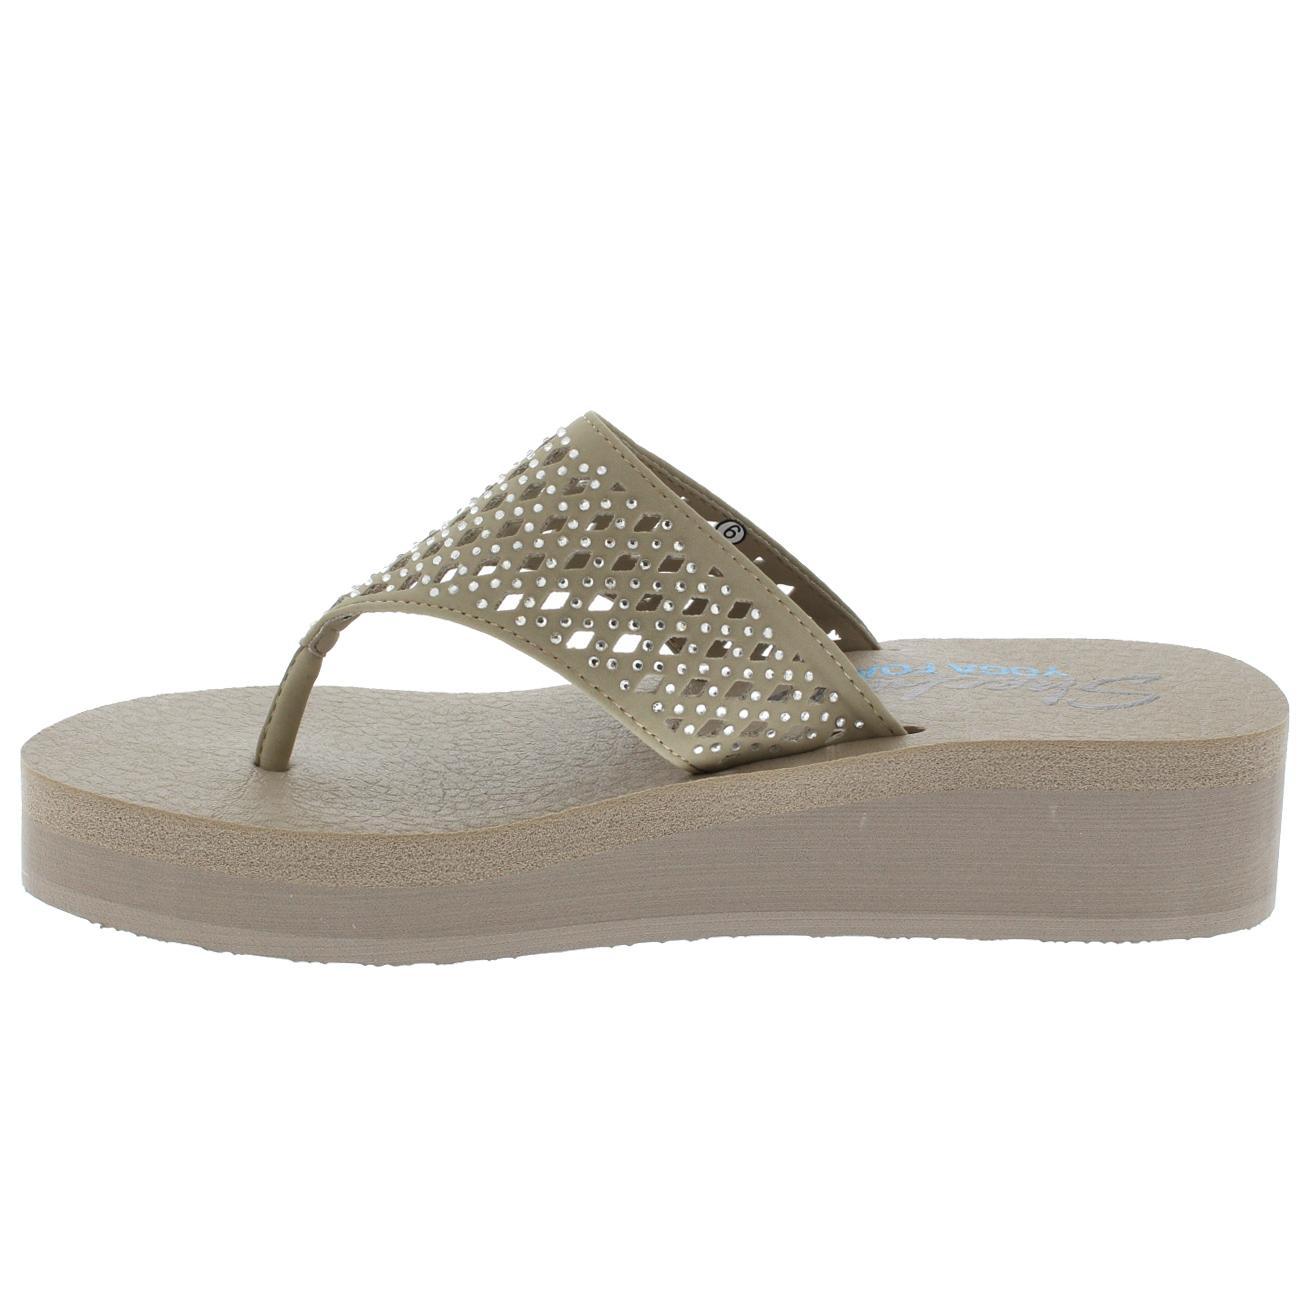 Skechers Diamante Flip Flops